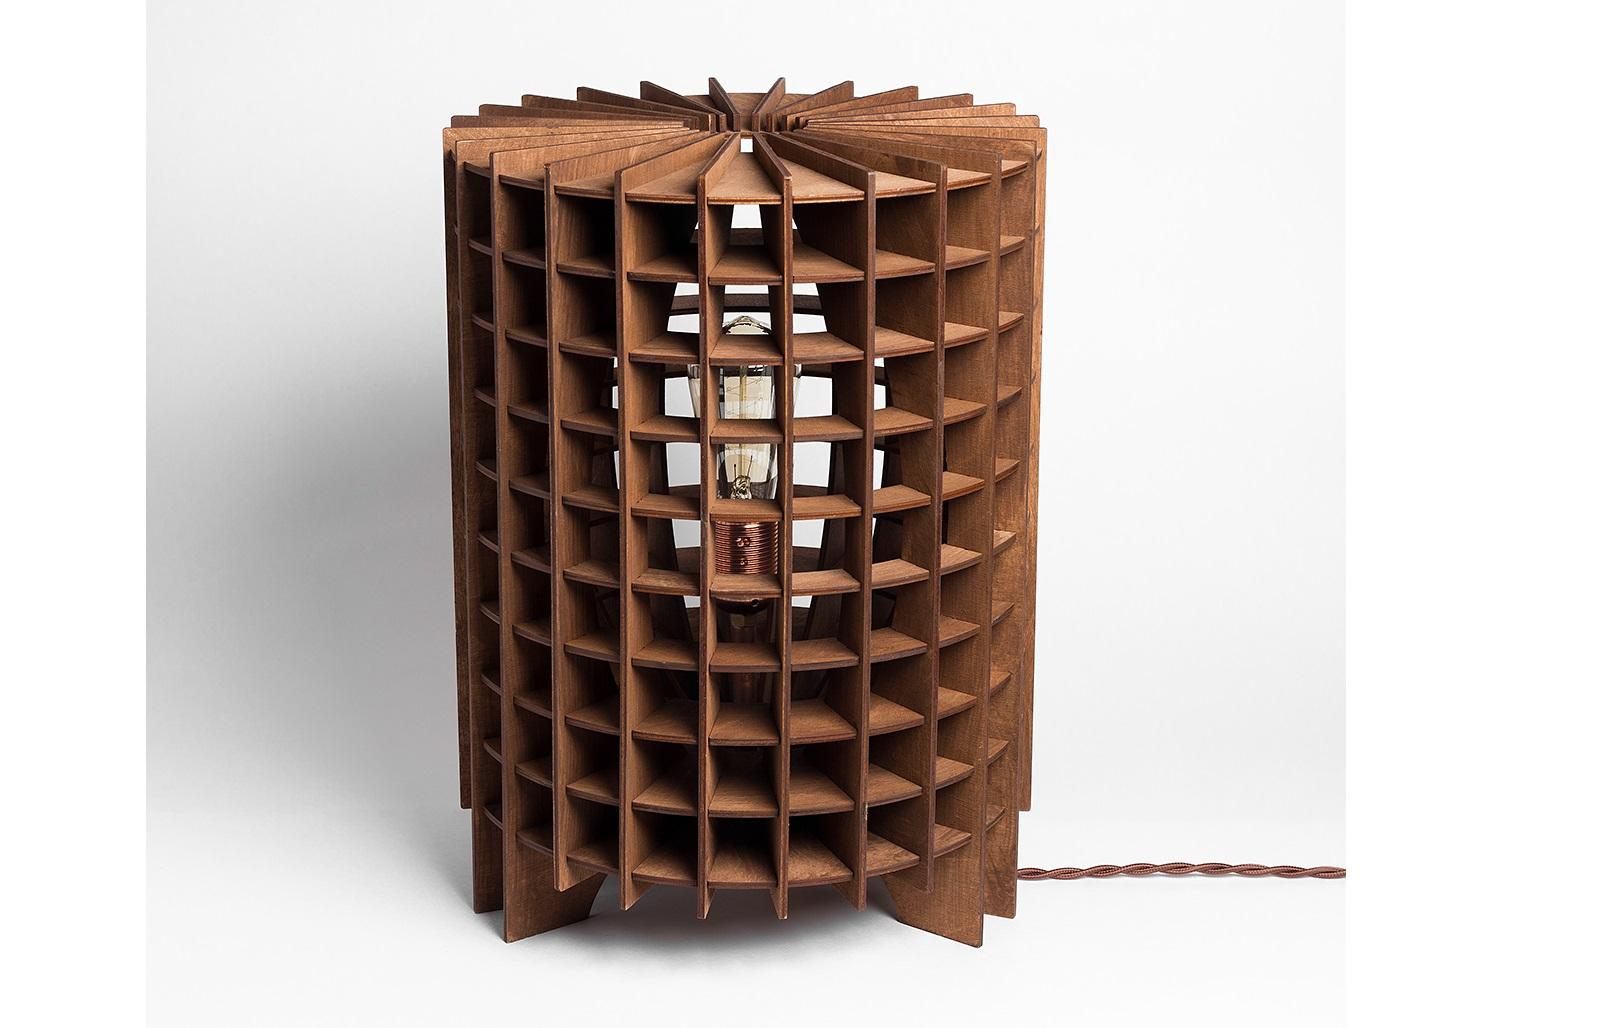 Деревянный cветильник КолизейДекоративные лампы<br>Деревянный светильник в стиле Лофт. Возможно изготовление в двух цветах - натуральный ( покрытый лаком ) и темный ( мореный )&amp;amp;nbsp;&amp;lt;div&amp;gt;&amp;lt;br&amp;gt;&amp;lt;/div&amp;gt;&amp;lt;div&amp;gt;&amp;lt;div&amp;gt;Вид цоколя: E27&amp;lt;/div&amp;gt;&amp;lt;div&amp;gt;Мощность: 60W&amp;lt;/div&amp;gt;&amp;lt;div&amp;gt;Количество ламп: 1 (нет в комплекте)&amp;lt;/div&amp;gt;&amp;lt;/div&amp;gt;&amp;lt;div&amp;gt;&amp;lt;br&amp;gt;&amp;lt;/div&amp;gt;<br><br>Material: Дерево<br>Length см: None<br>Width см: None<br>Height см: 41<br>Diameter см: 30